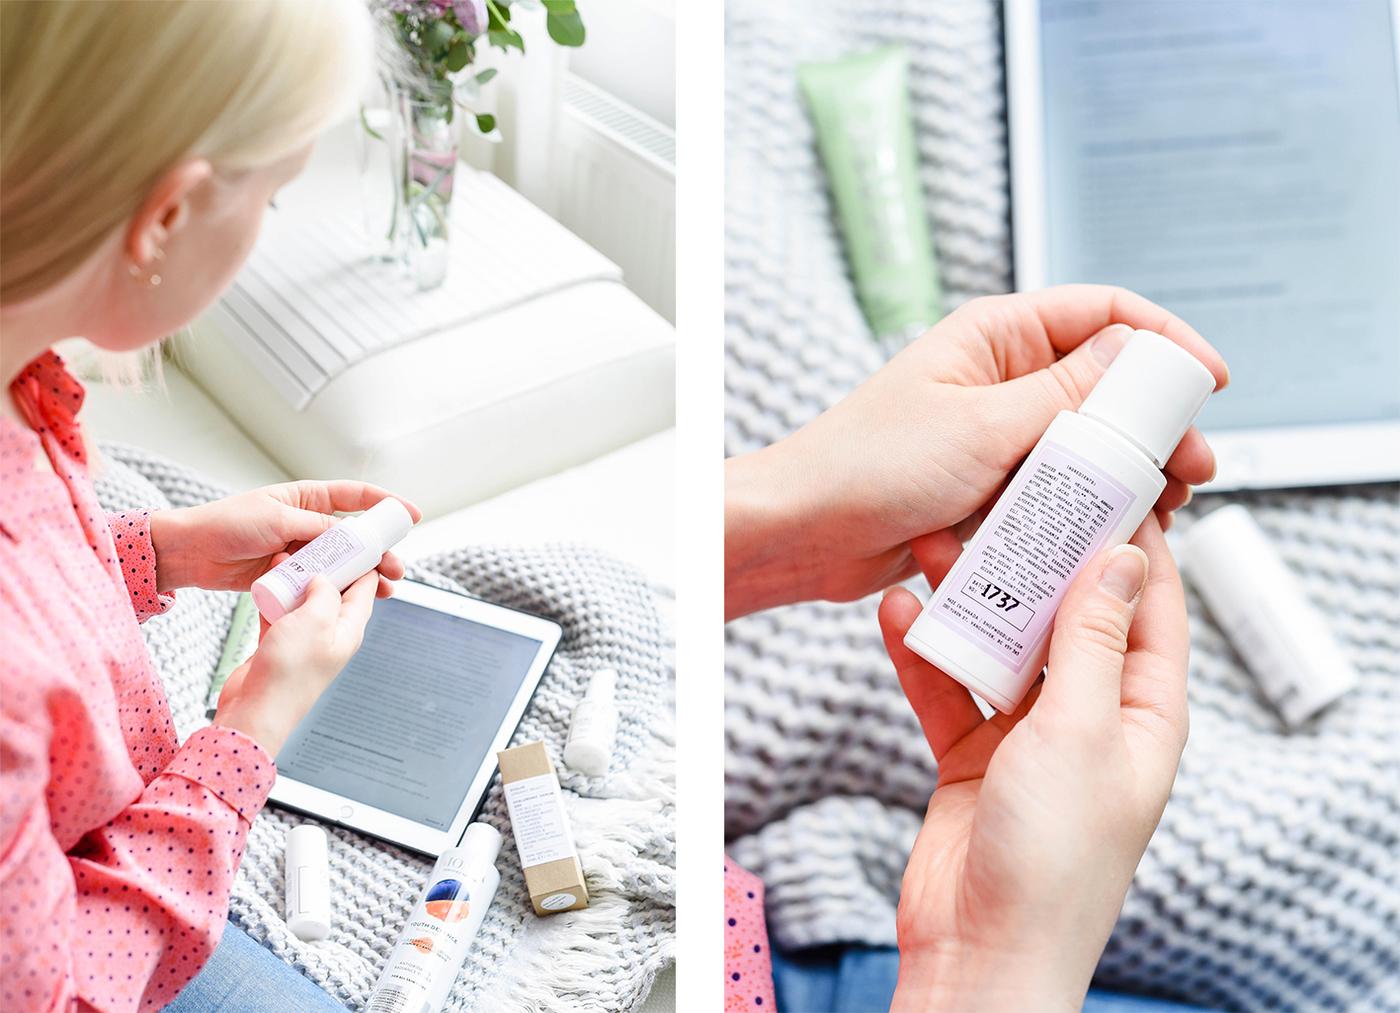 twistbe-uusialkuihollesi-ihonhoito-sundayblondie-3.jpg